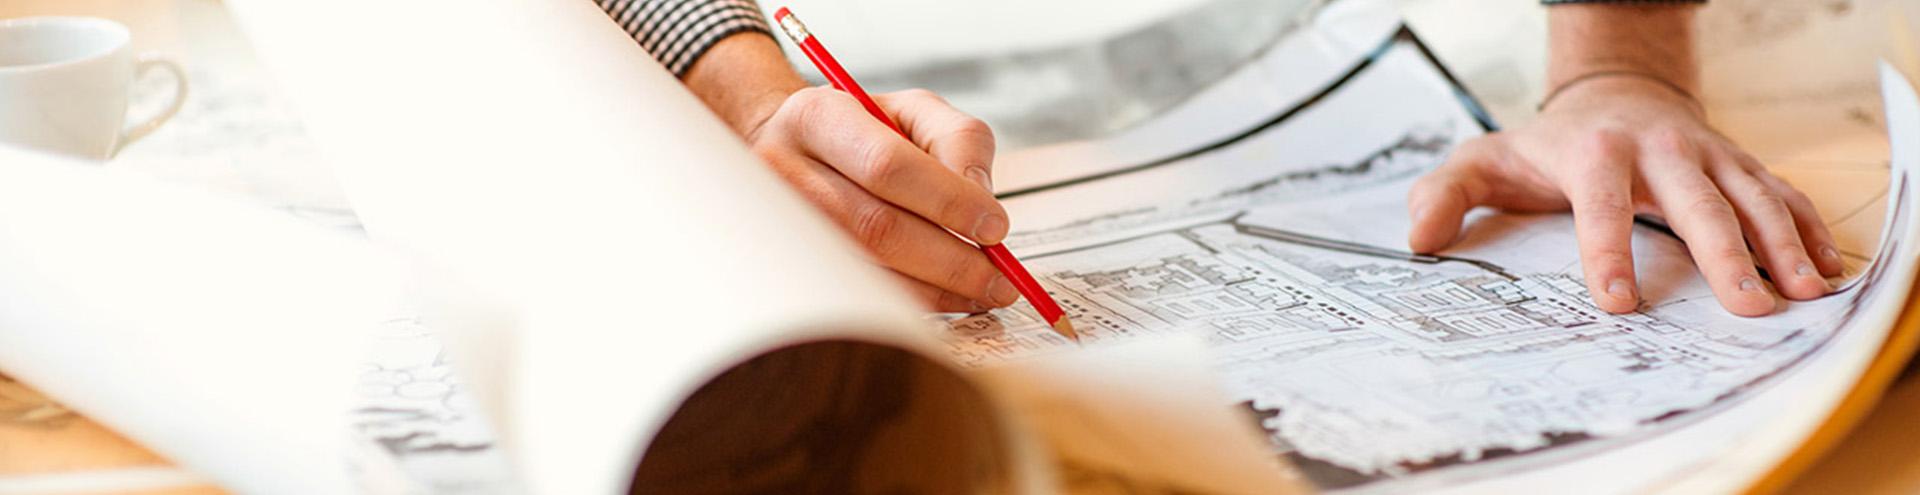 установление сервитута для юридических лиц в Калуге